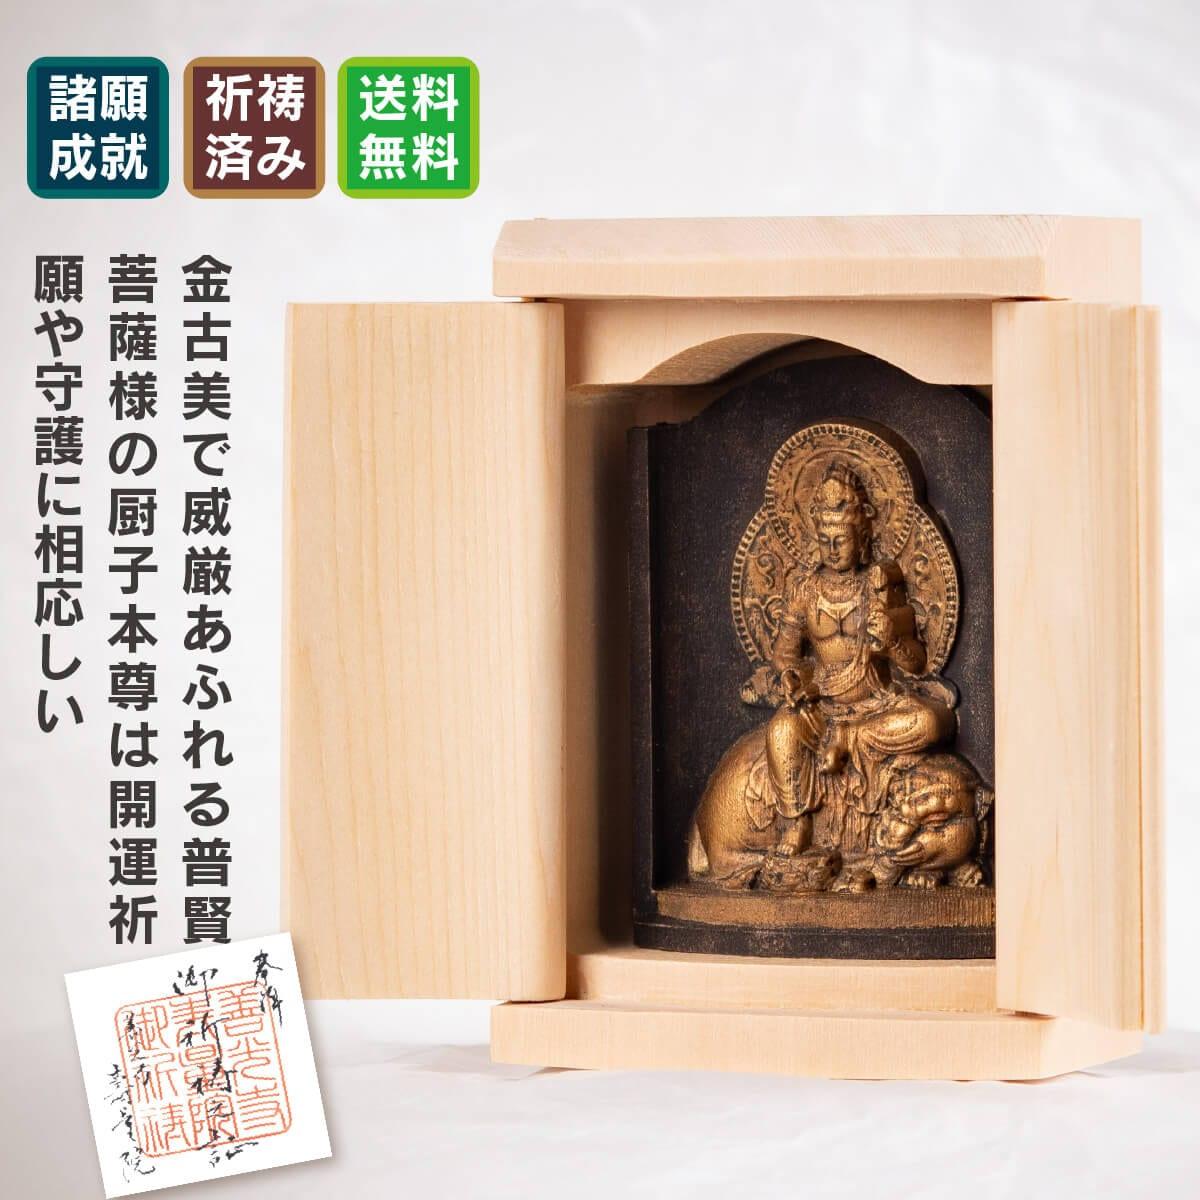 是空 普賢菩薩 厨子入りの仏像 金古美仕上げ 開運グッズ